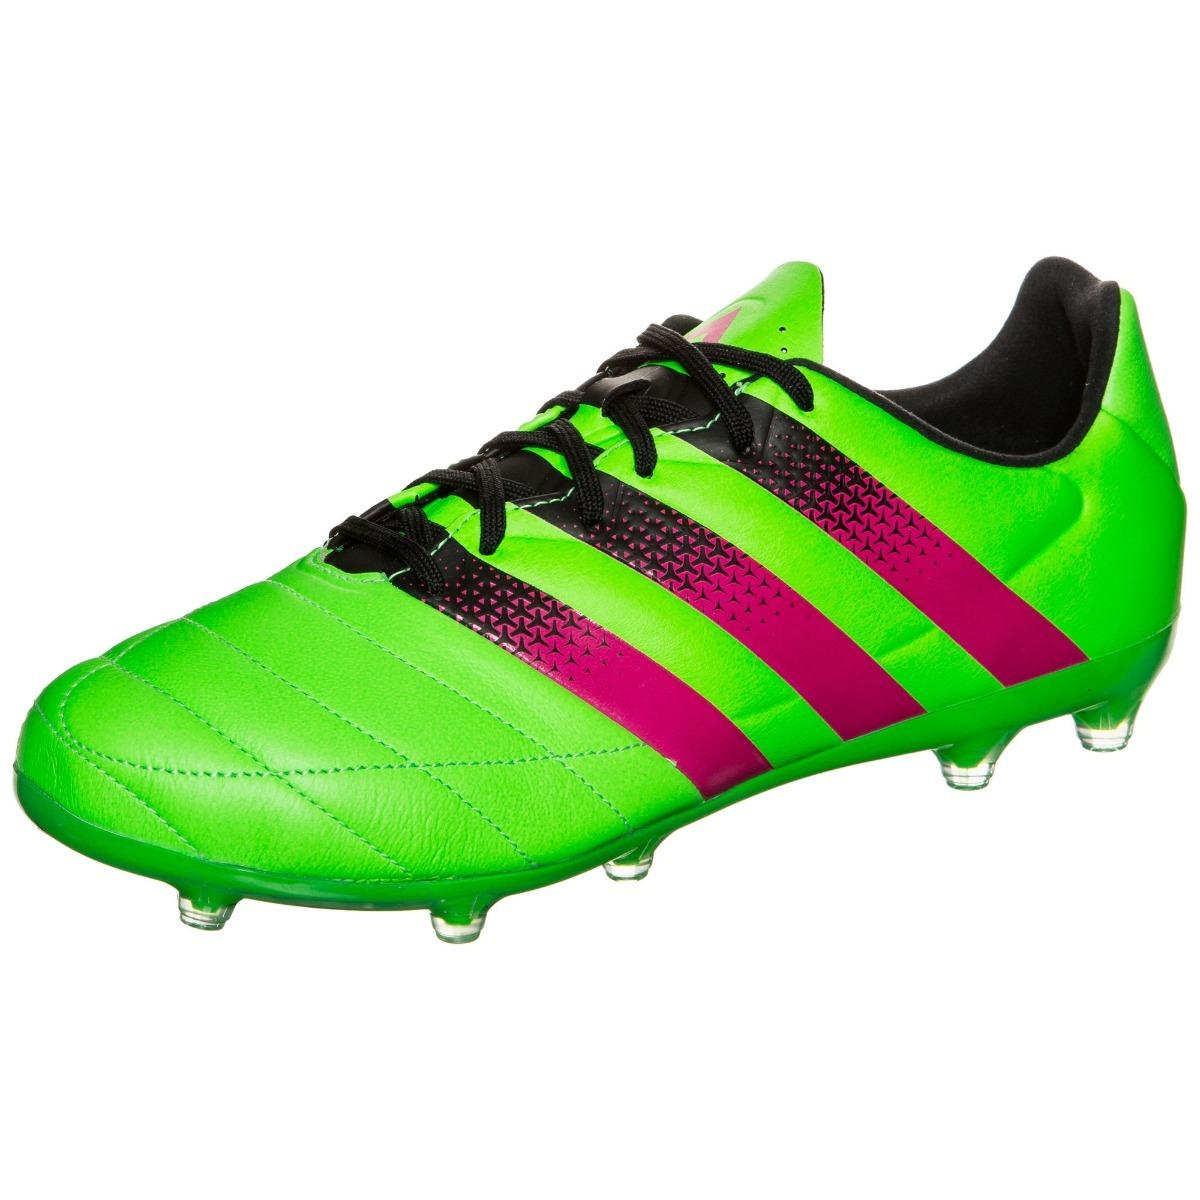 ... para hombre verde 1fafd czech adidas botín fútbol hombre ace 16.2 fg ag  verde. cargando zoom. c2169 8ac2f ... 2e305b01a4be2